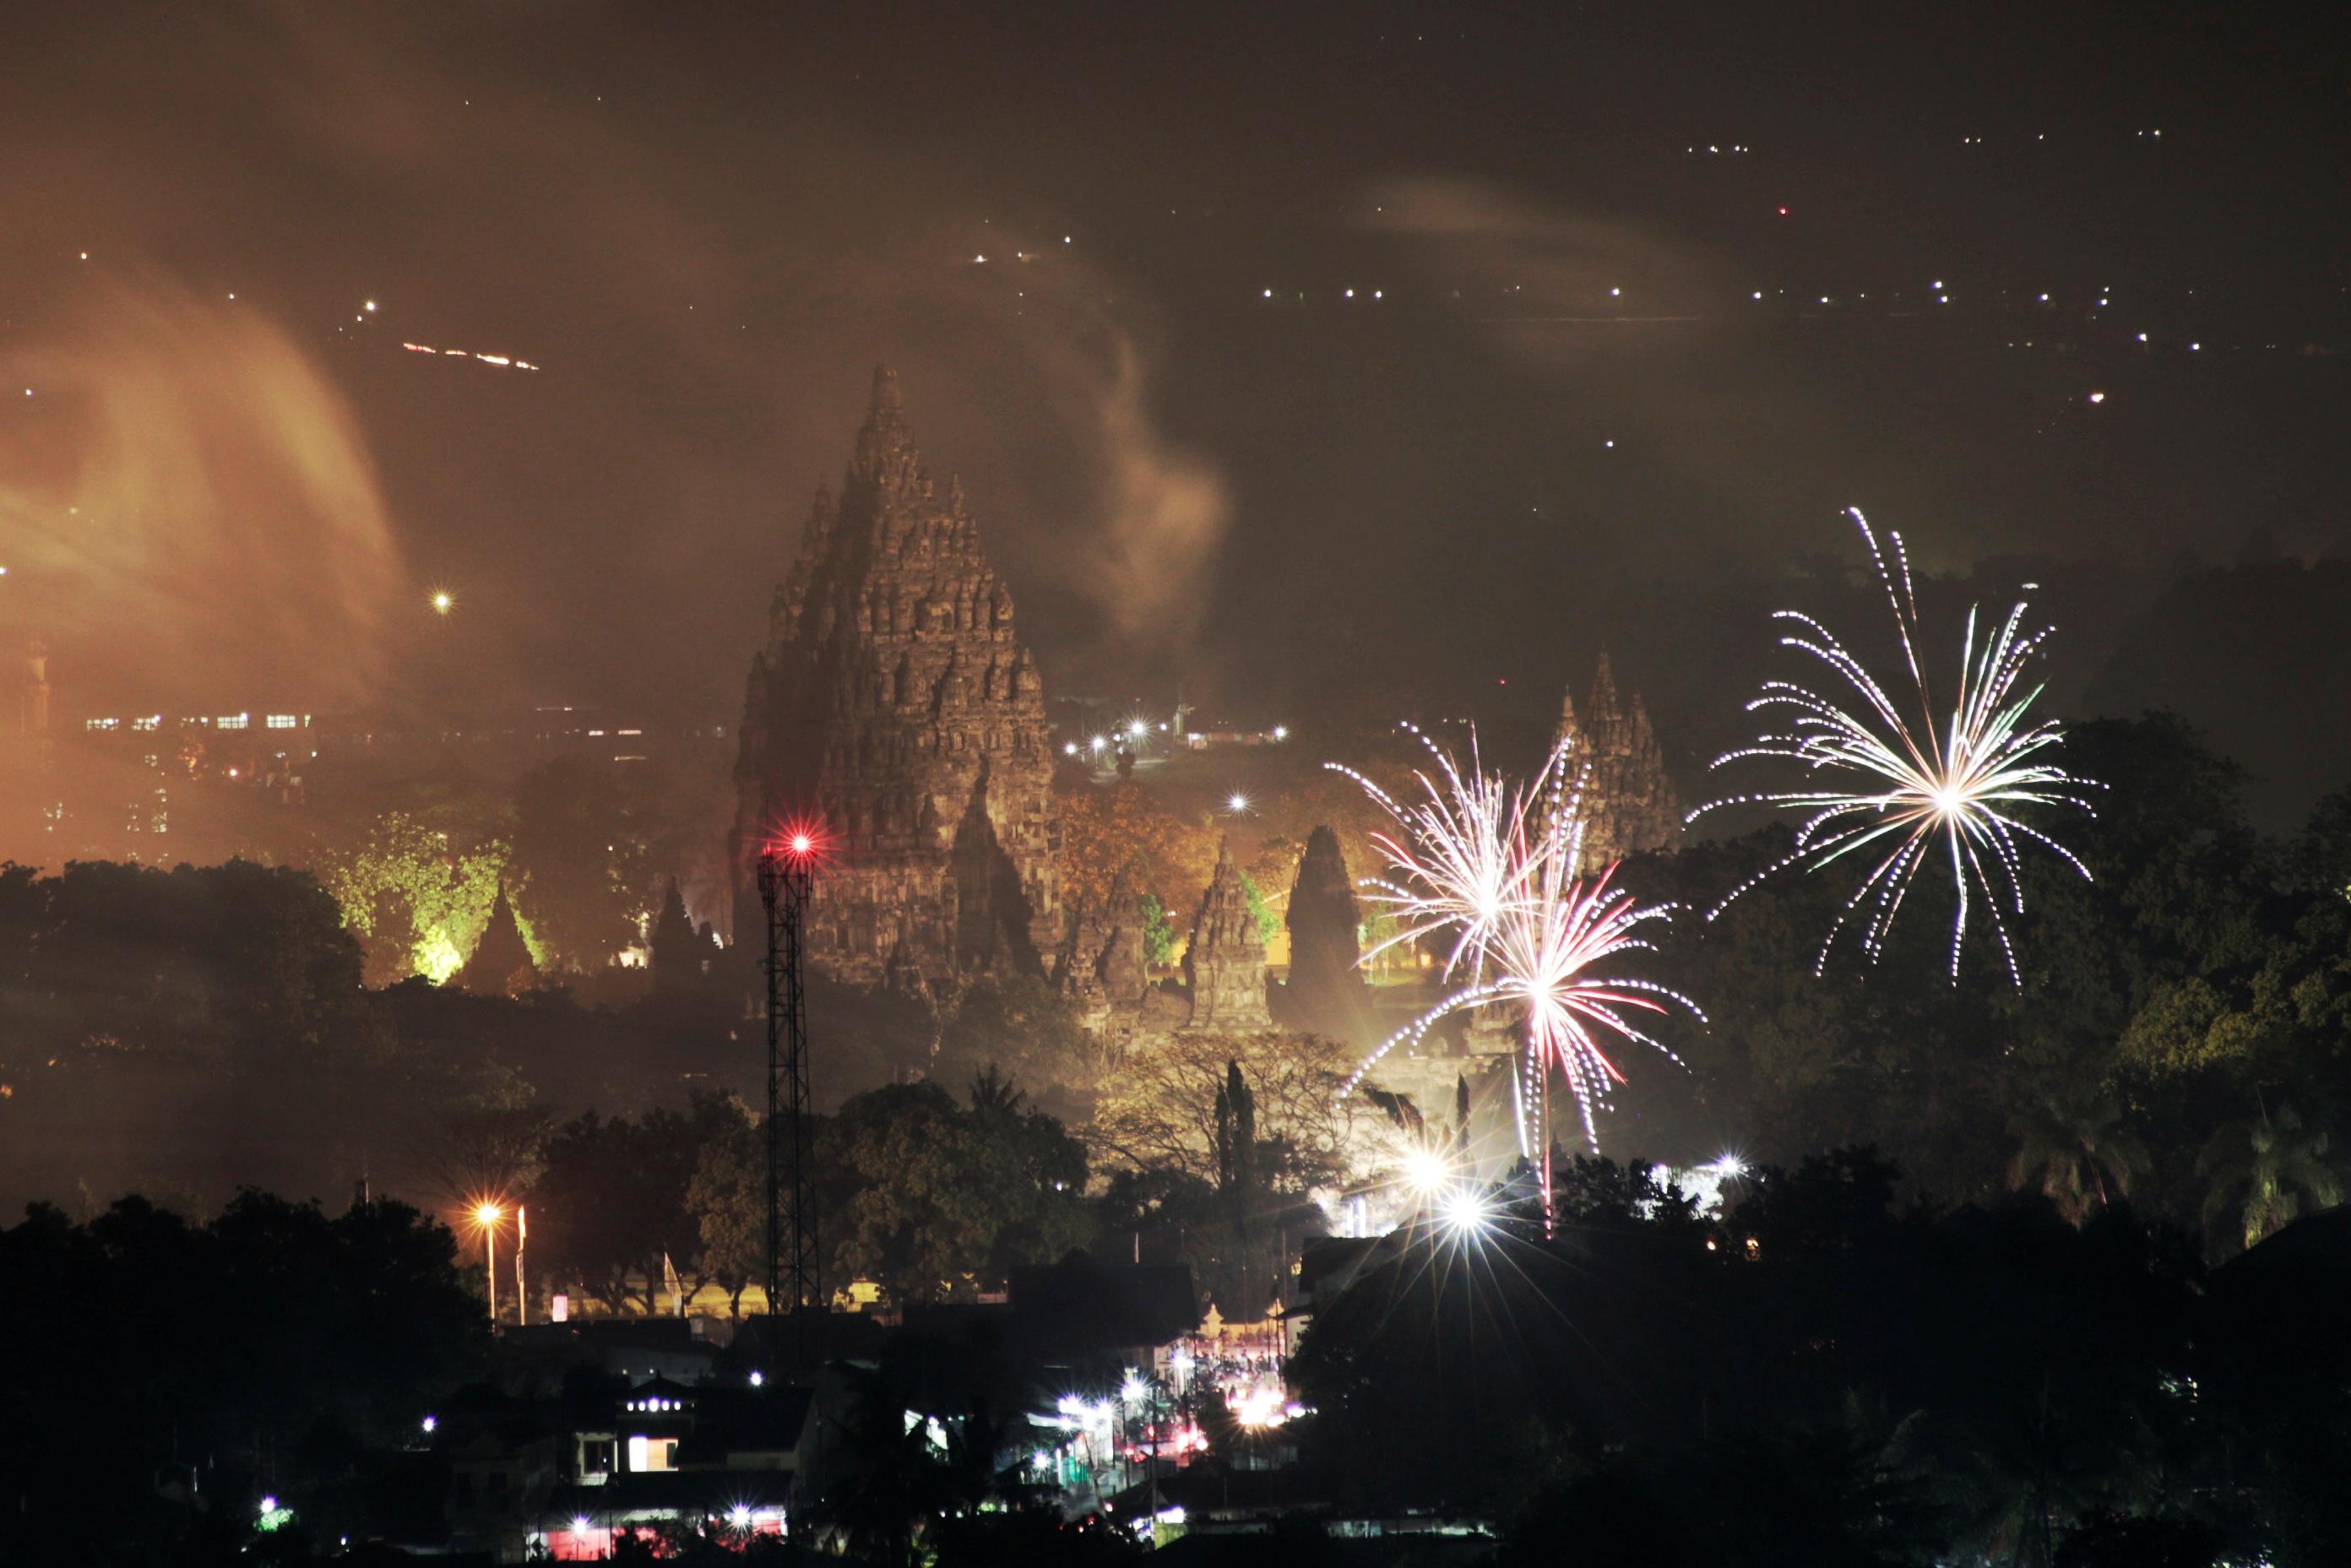 Fuegos artificiales explotan sobre el complejo de templos de Prambanan durante las celebraciones de Año Nuevo en Sleman, cerca de Yogyakarta, Indonesia (Antara Foto/Hendra Nurdiyansyah/via REUTERS)